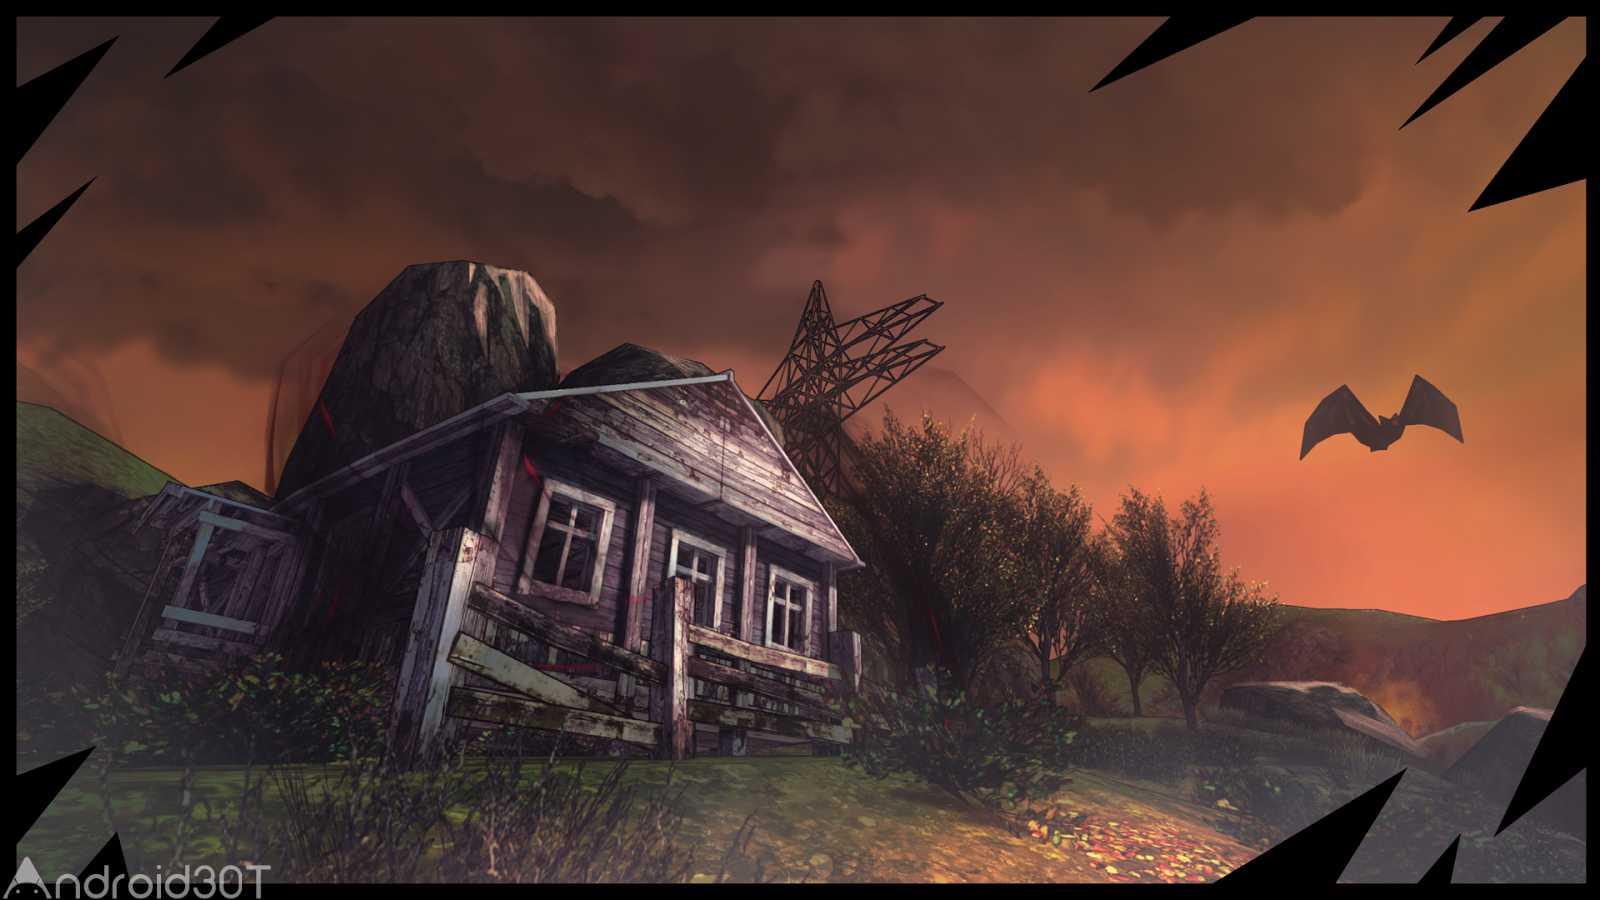 دانلود Shadows of Kurgansk 1.3.60 – بازی ماجراجویی راز بقا اندروید